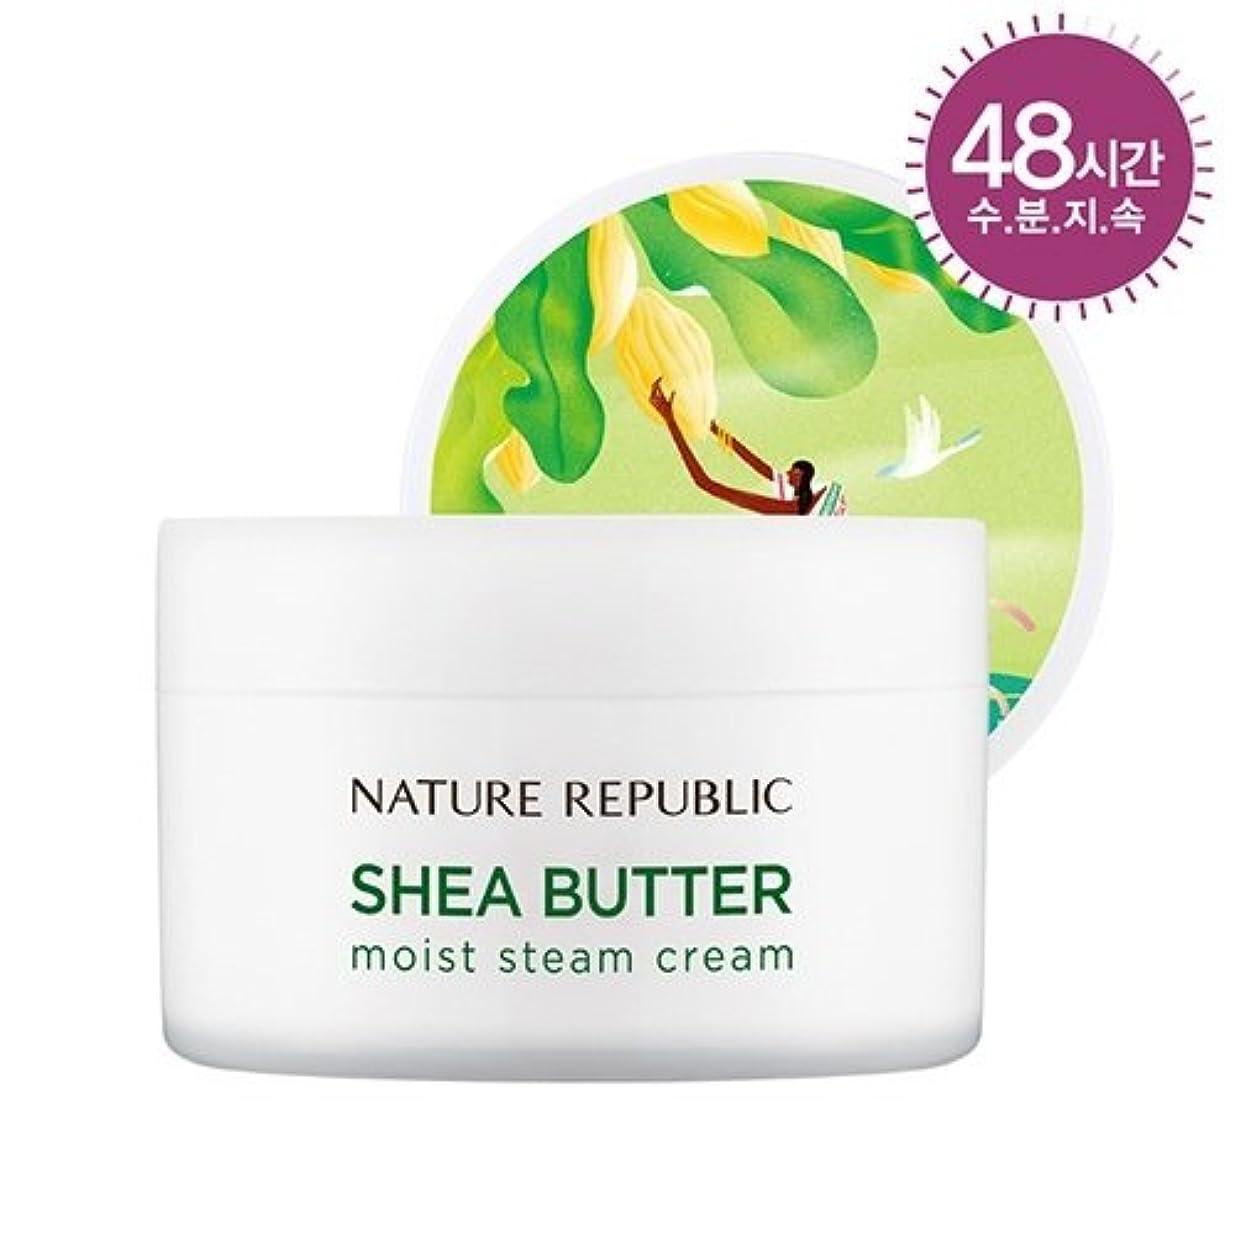 マッシュパールロードブロッキングNATURE REPUBLIC(ネイチャーリパブリック) SHEA BUTTER STEAM CREAM シアバター スチーム クリーム #モイスト乾燥肌